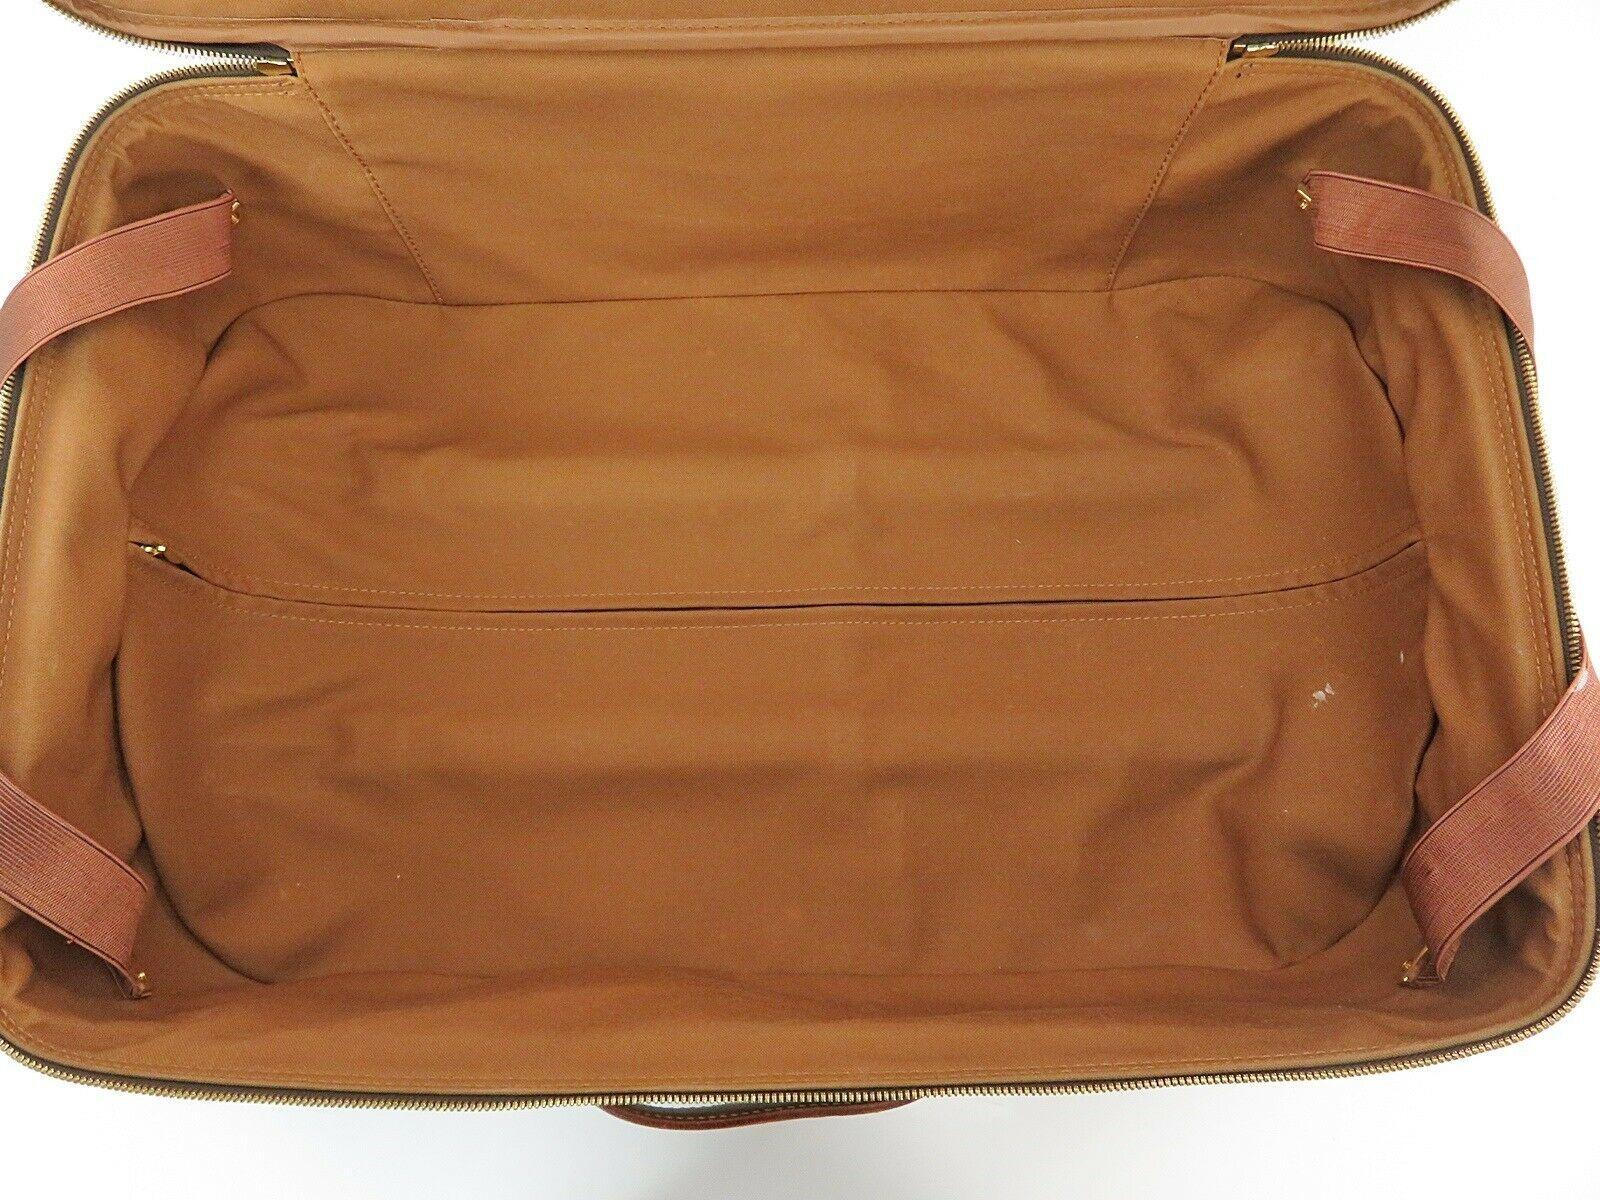 Authentic LOUIS VUITTON Pegase 55 Monogram Canvas Travel Rolling Suitcase #32952